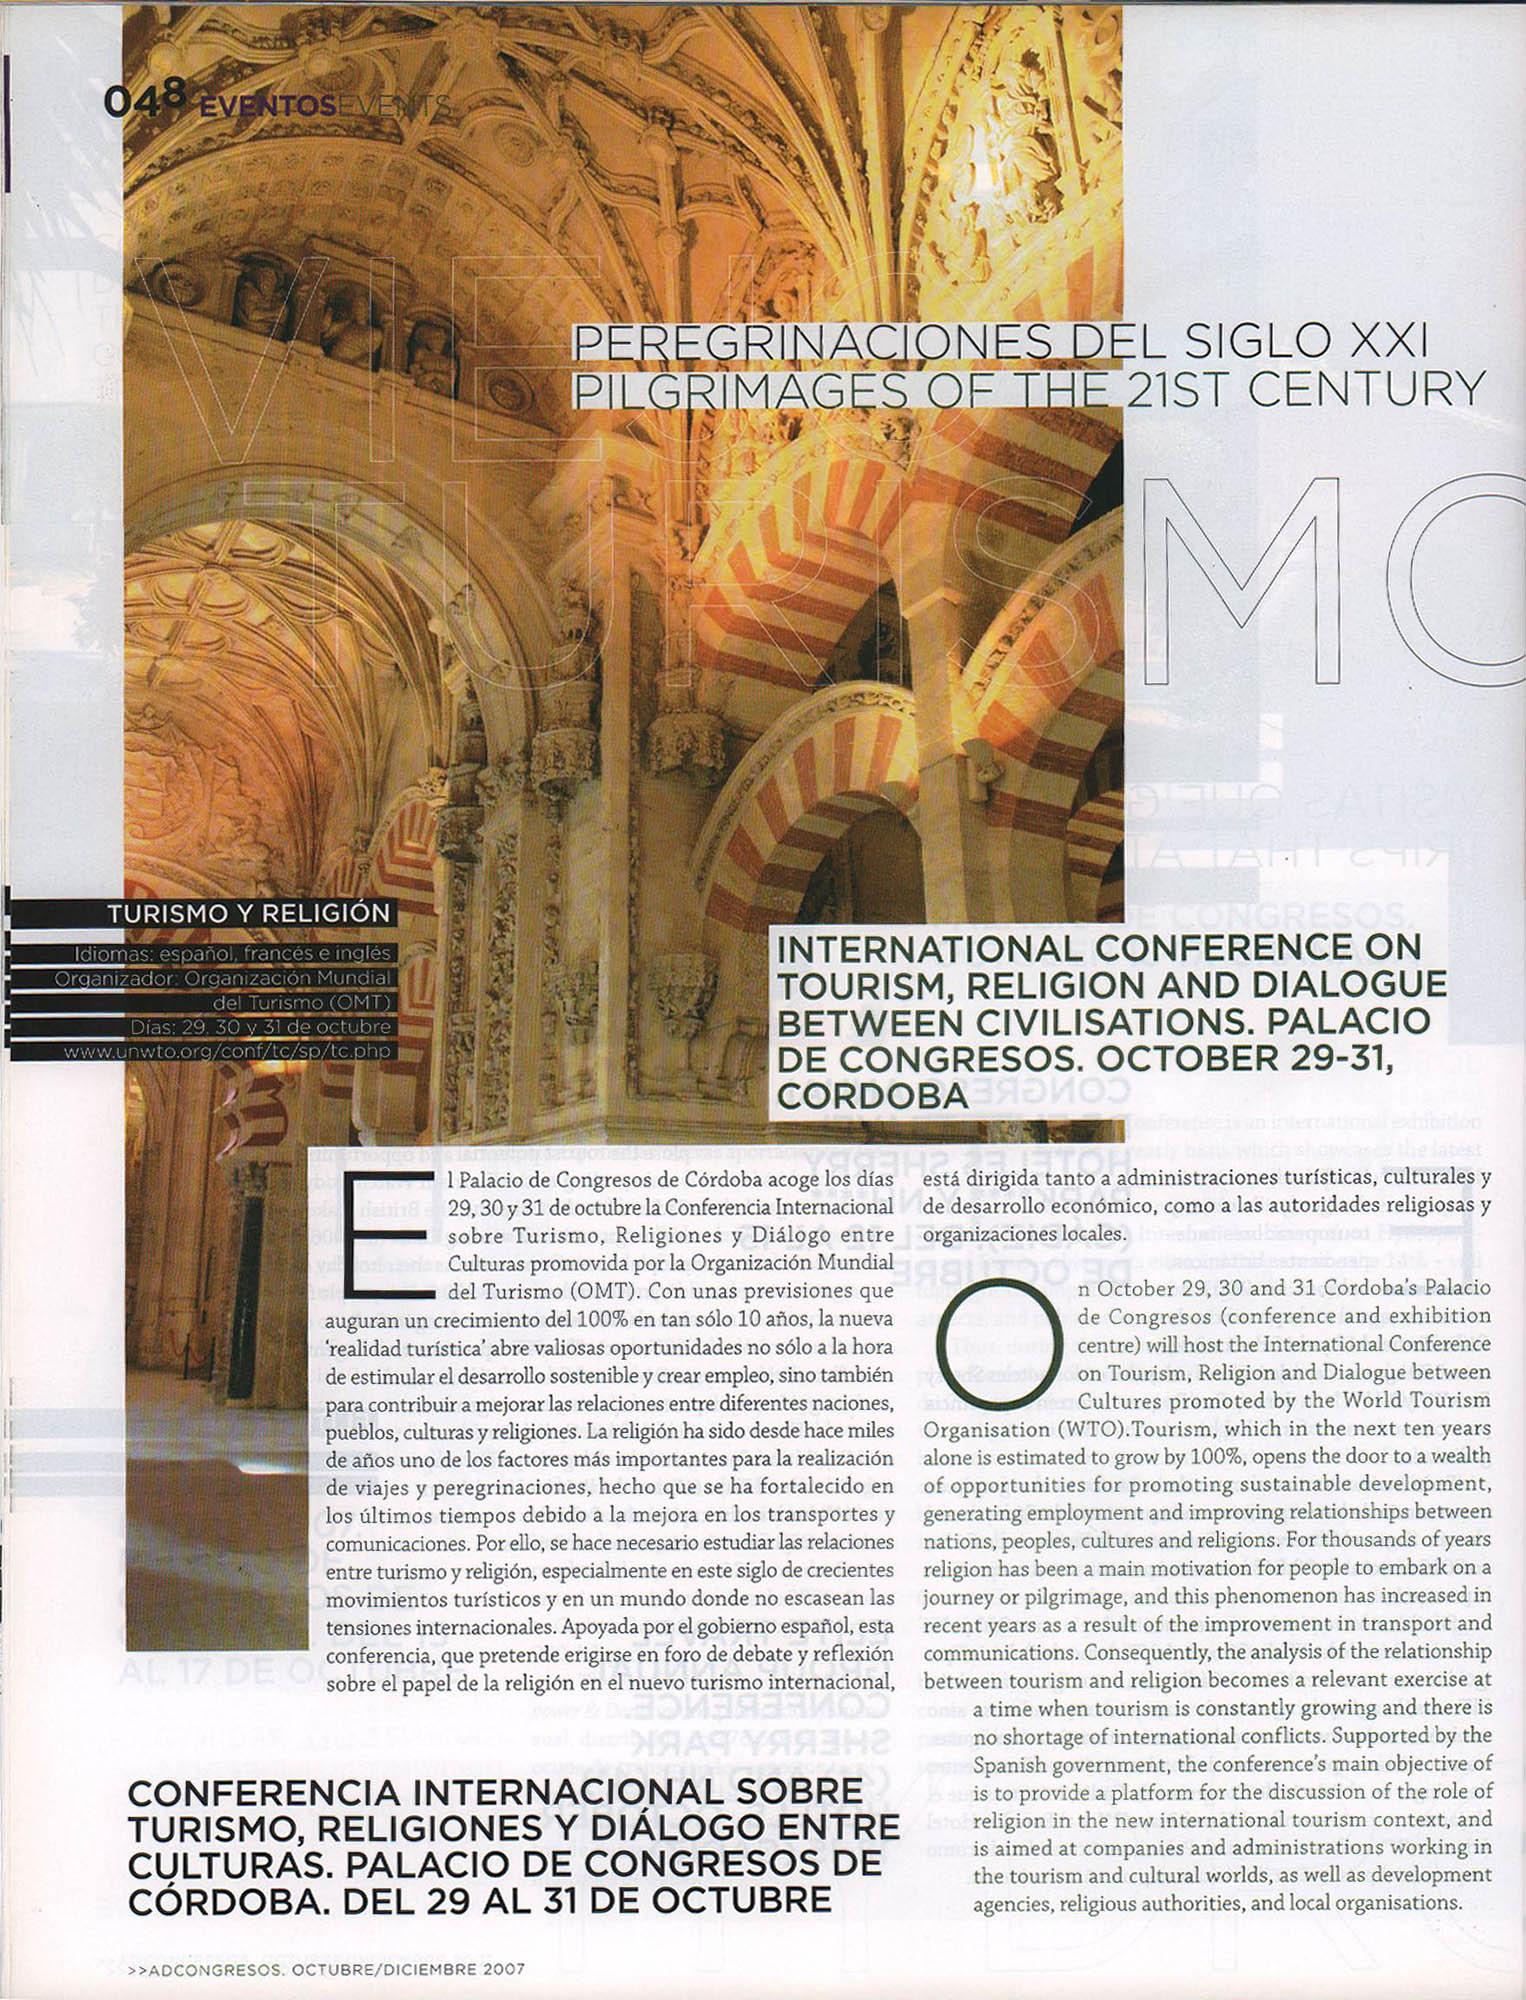 Conferencia sobre Turismo, Religiones y Diálogo entre Culturas - Palacio de Congresos de Córdoba | AD Congresos | oct 2007